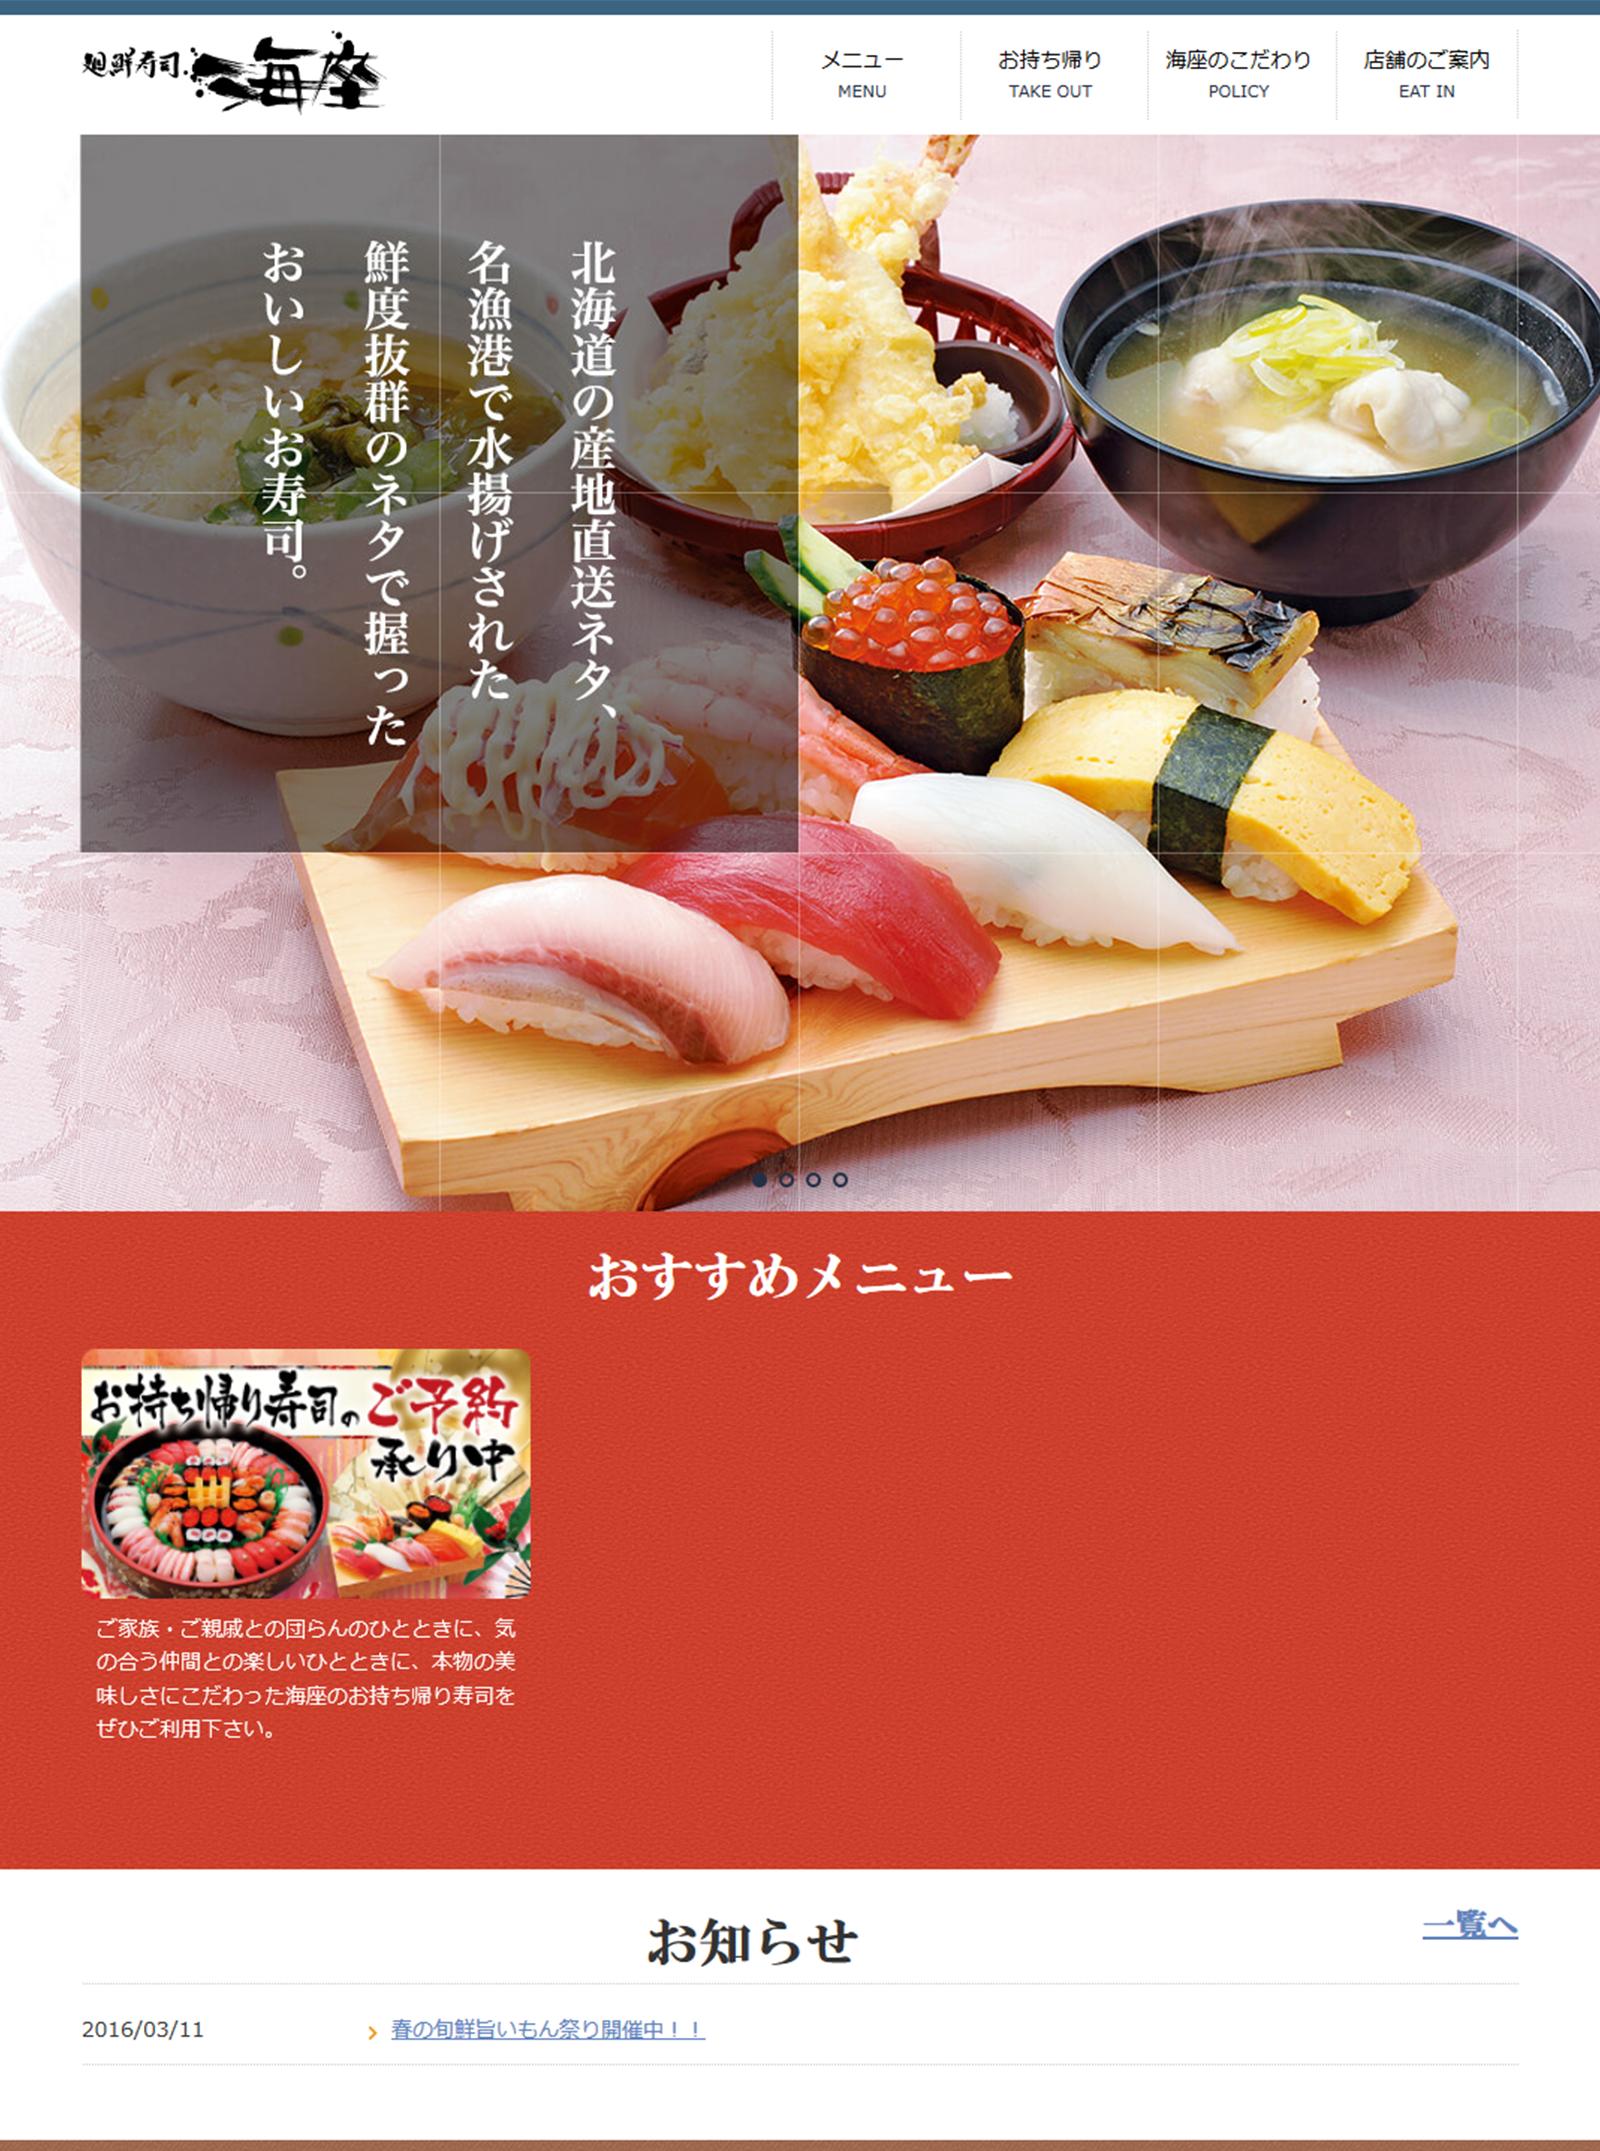 廻鮮寿司「海座(うみざ)」